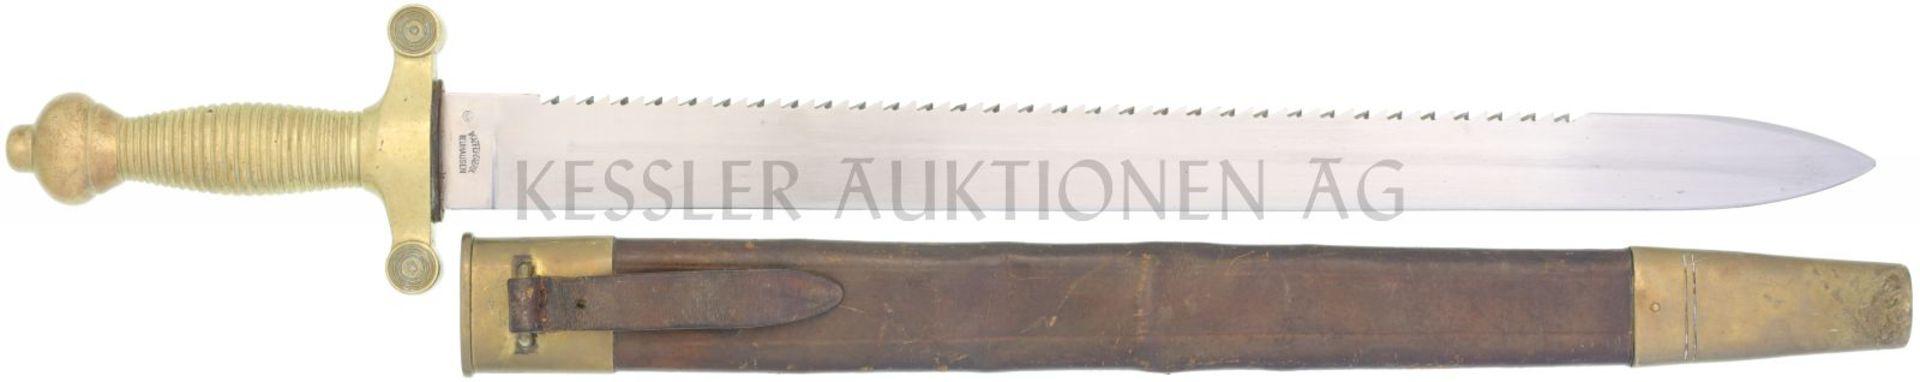 Faschinenmesser 1852, Genie oder Sanität Messinggefäss mit 26 Rillen, Parierstange mit 4 Rillen.